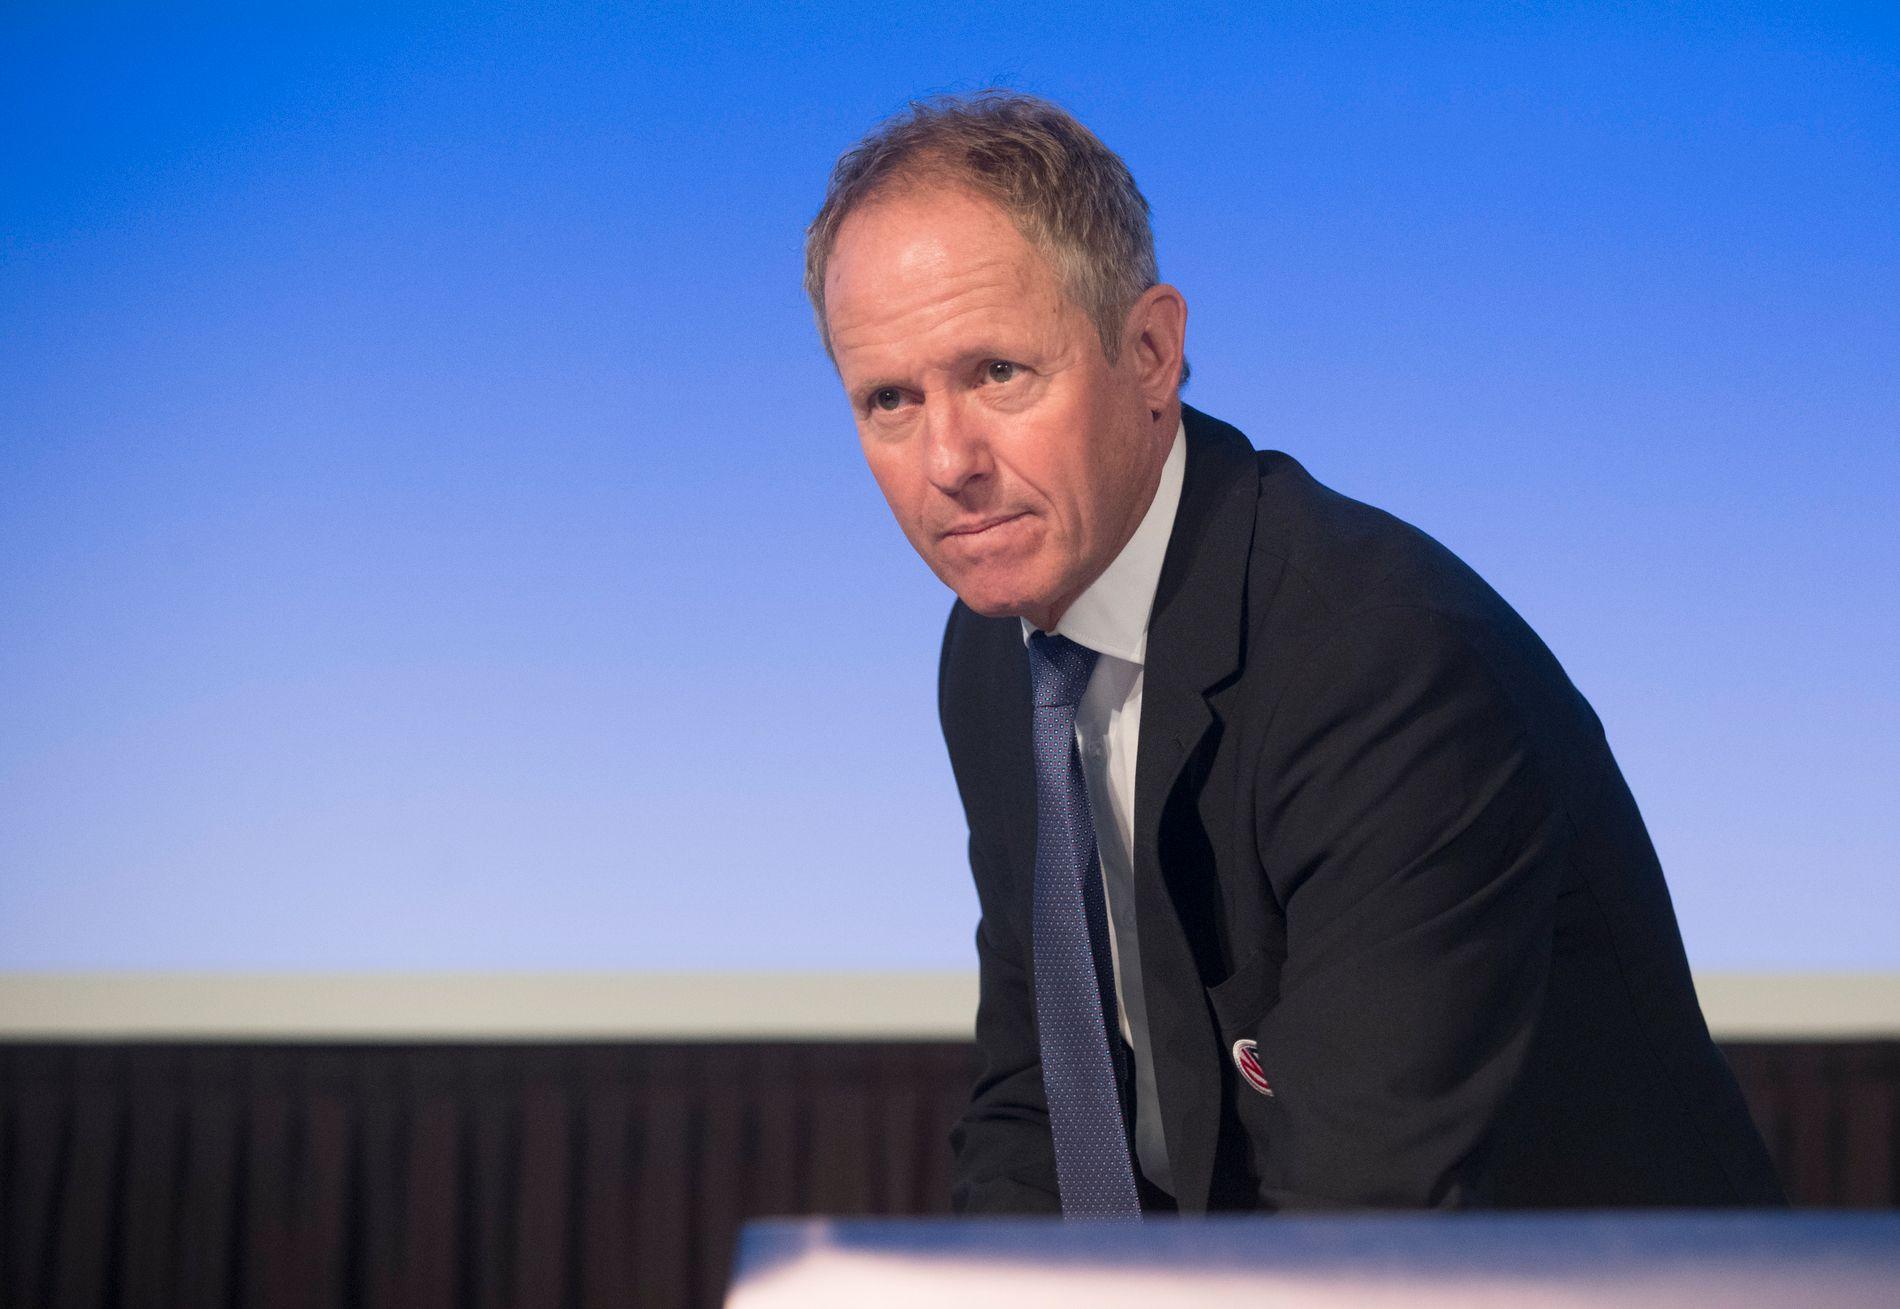 FORTSATT SYKEMELDT: NFFs generalsekretær Pål Bjerketvedt er fortsatt sykemeldt etter hjerneinfarktet i vår.